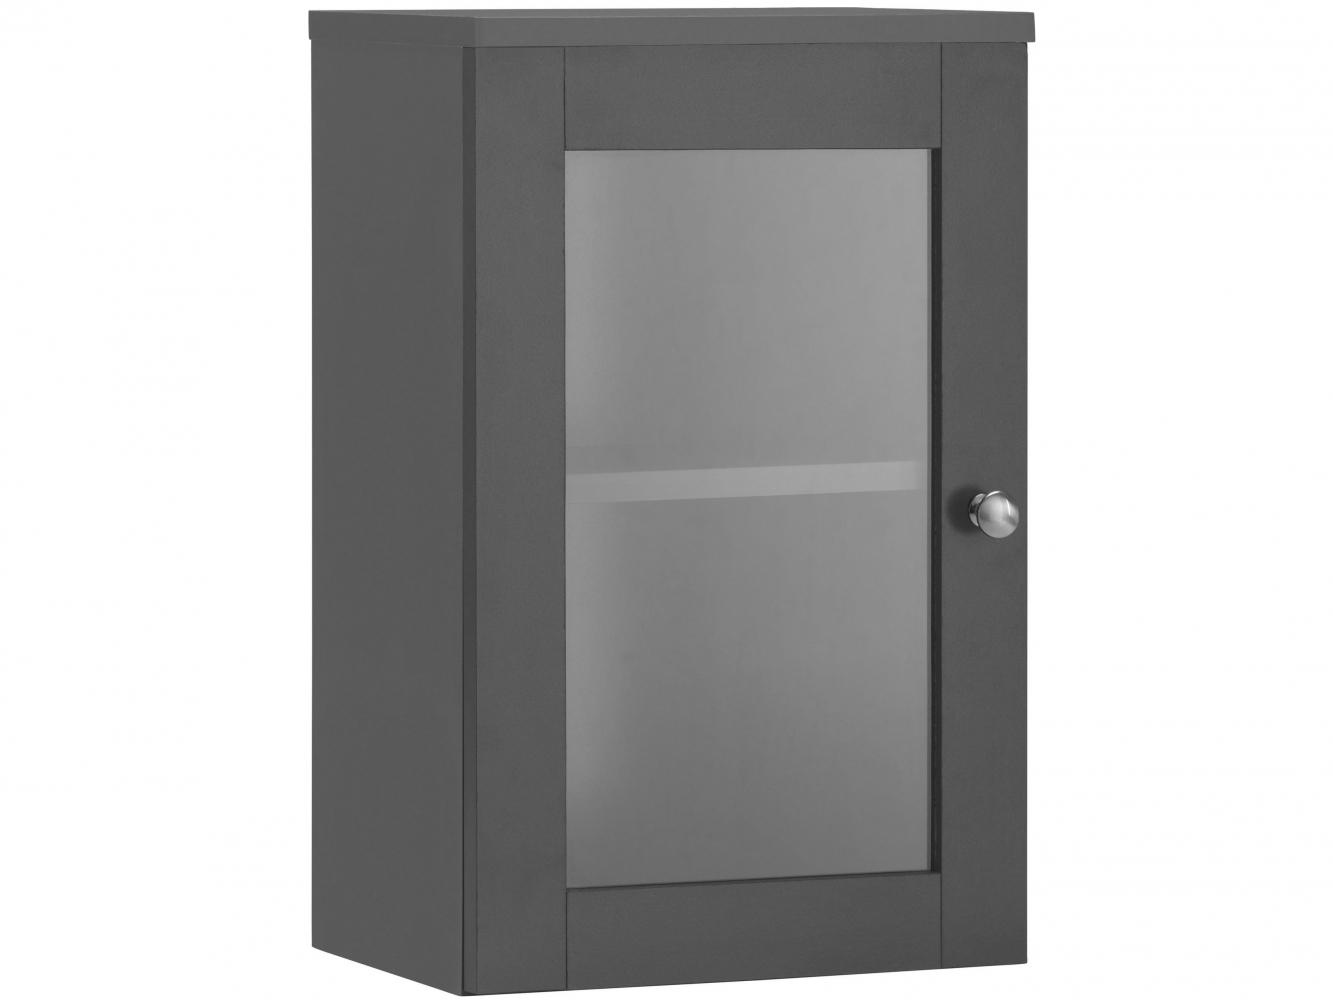 Nástěnná koupelnová skříňka Kiley, 50 cm, šedá